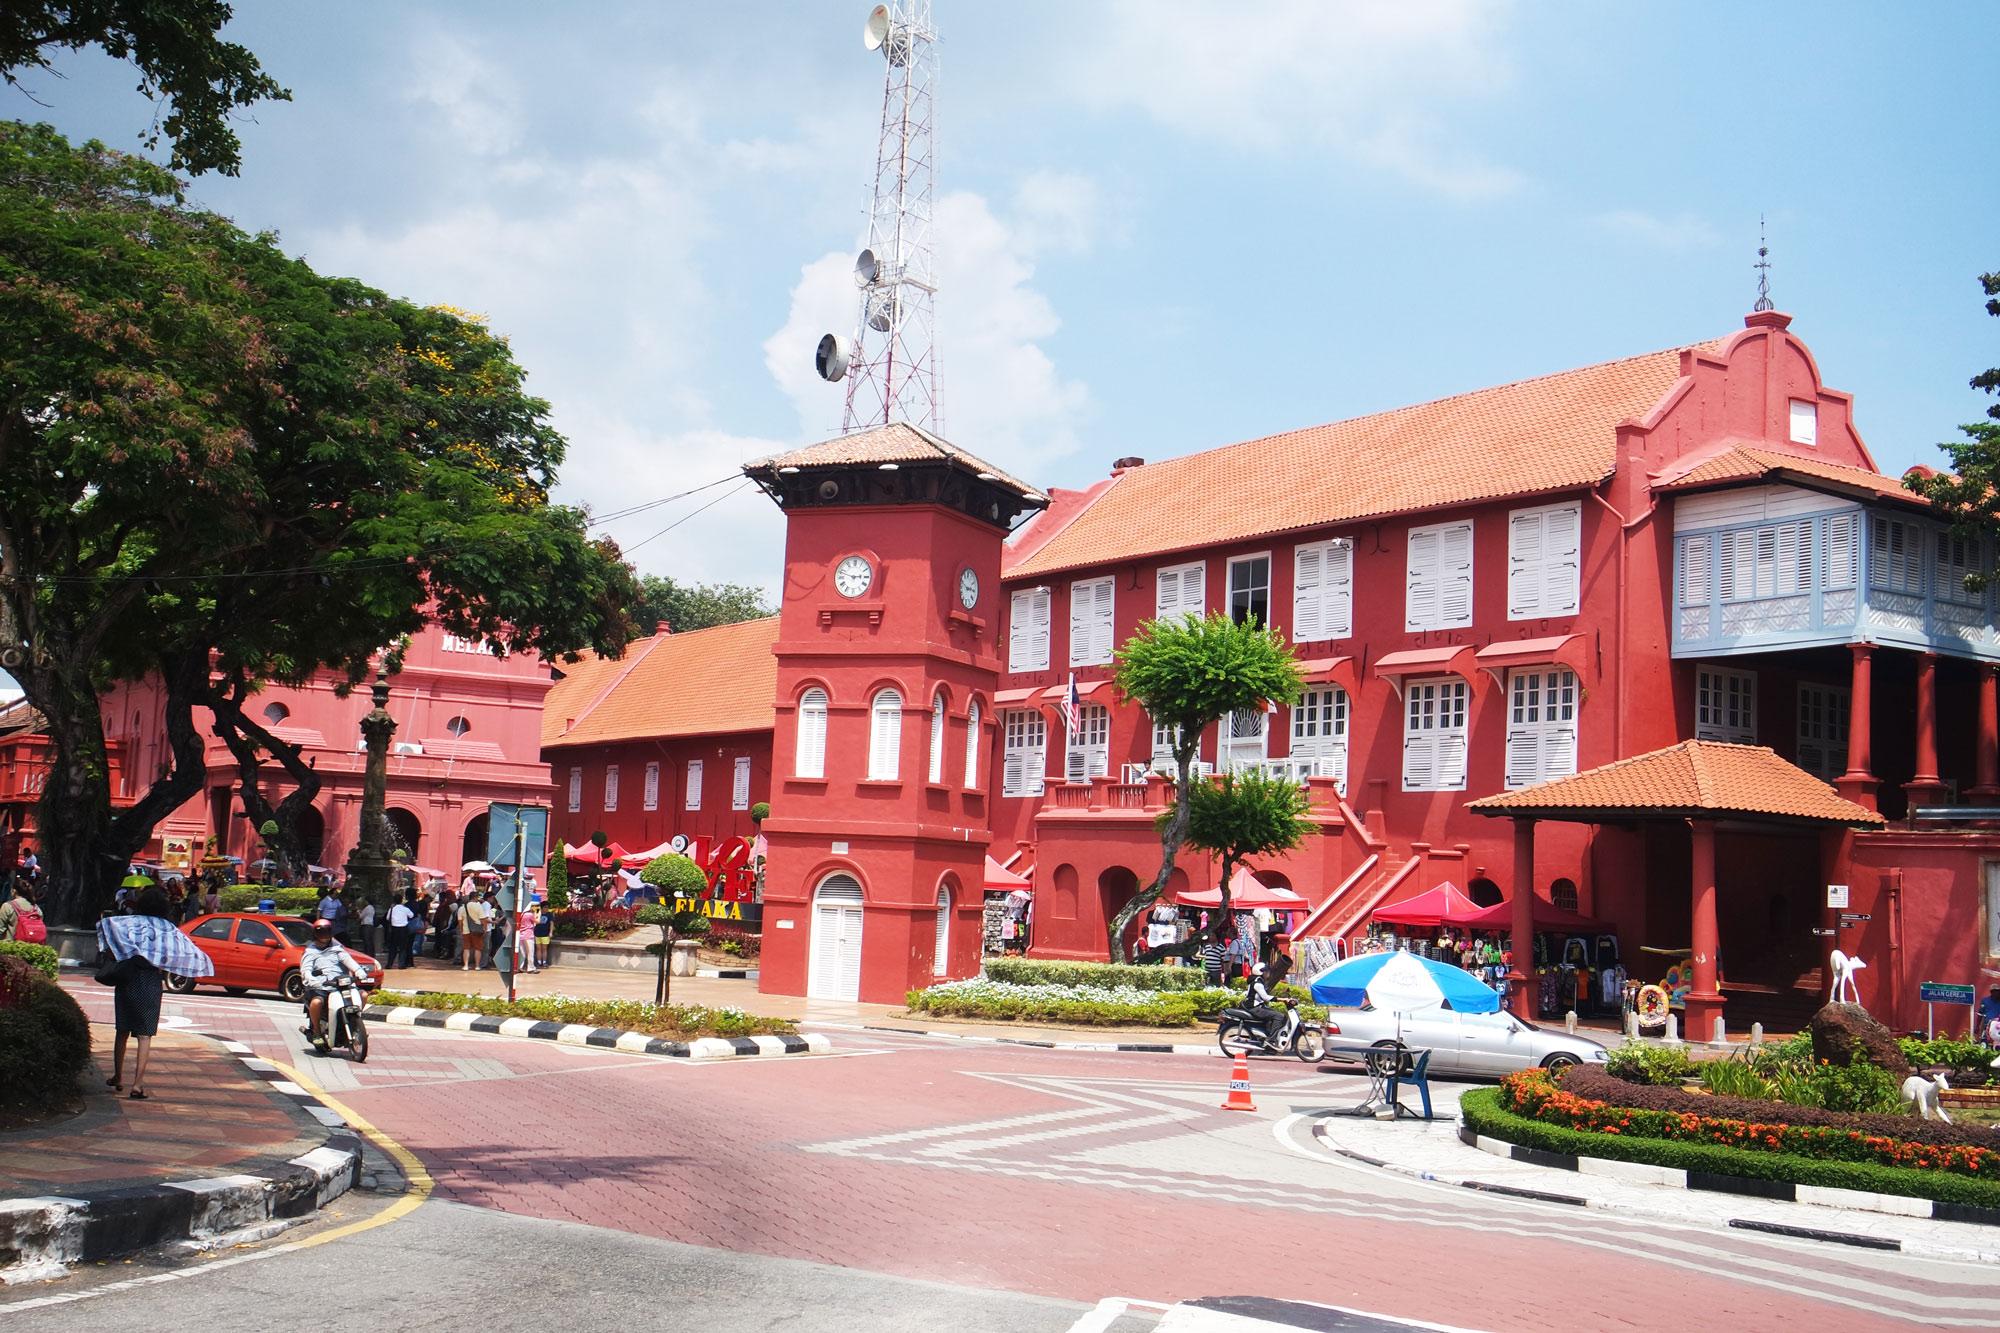 Red/Dutch Square